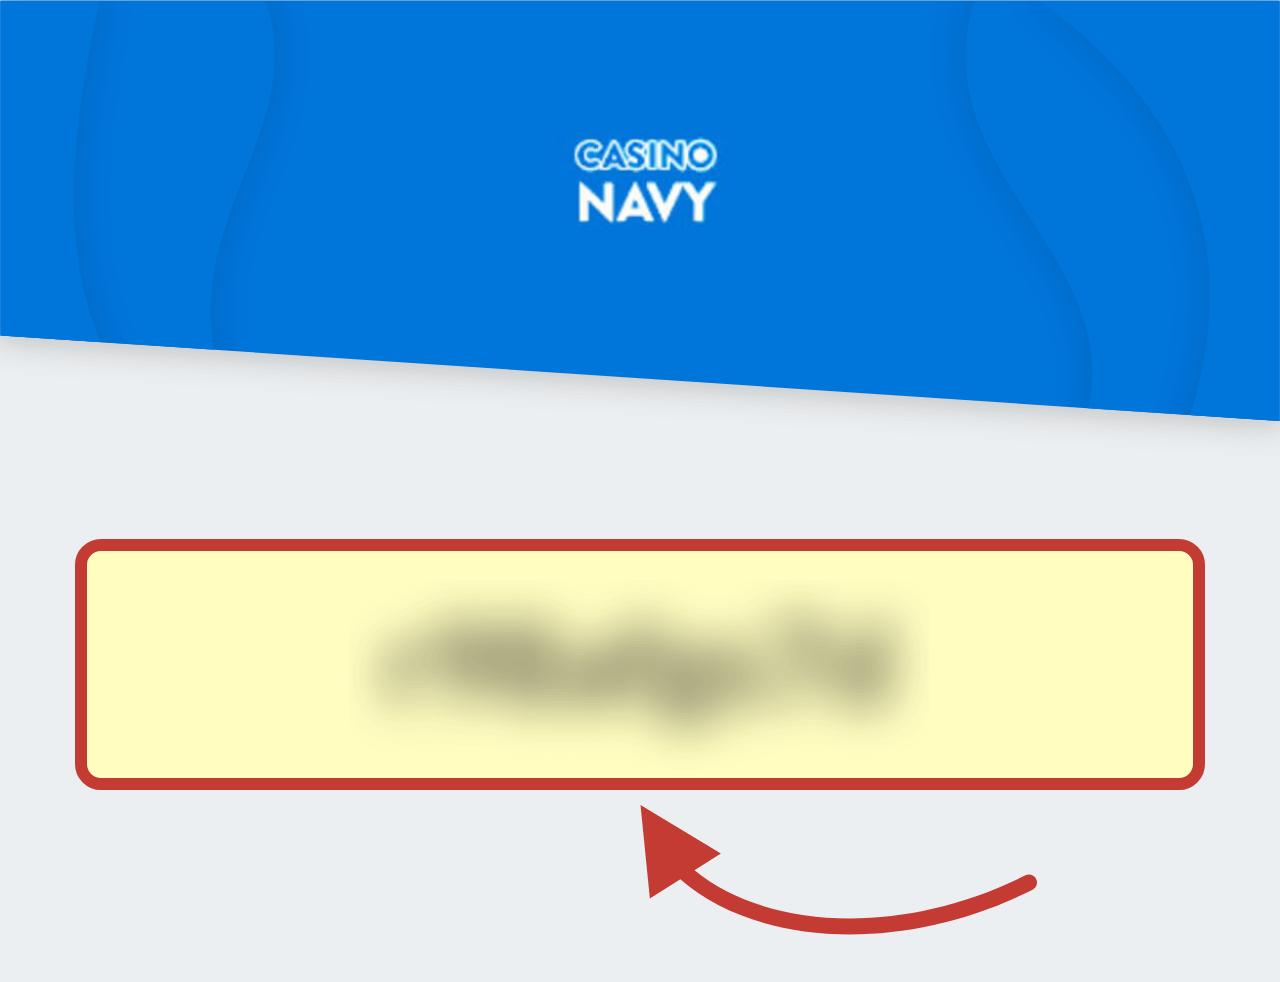 Casino Navy Bonus Code